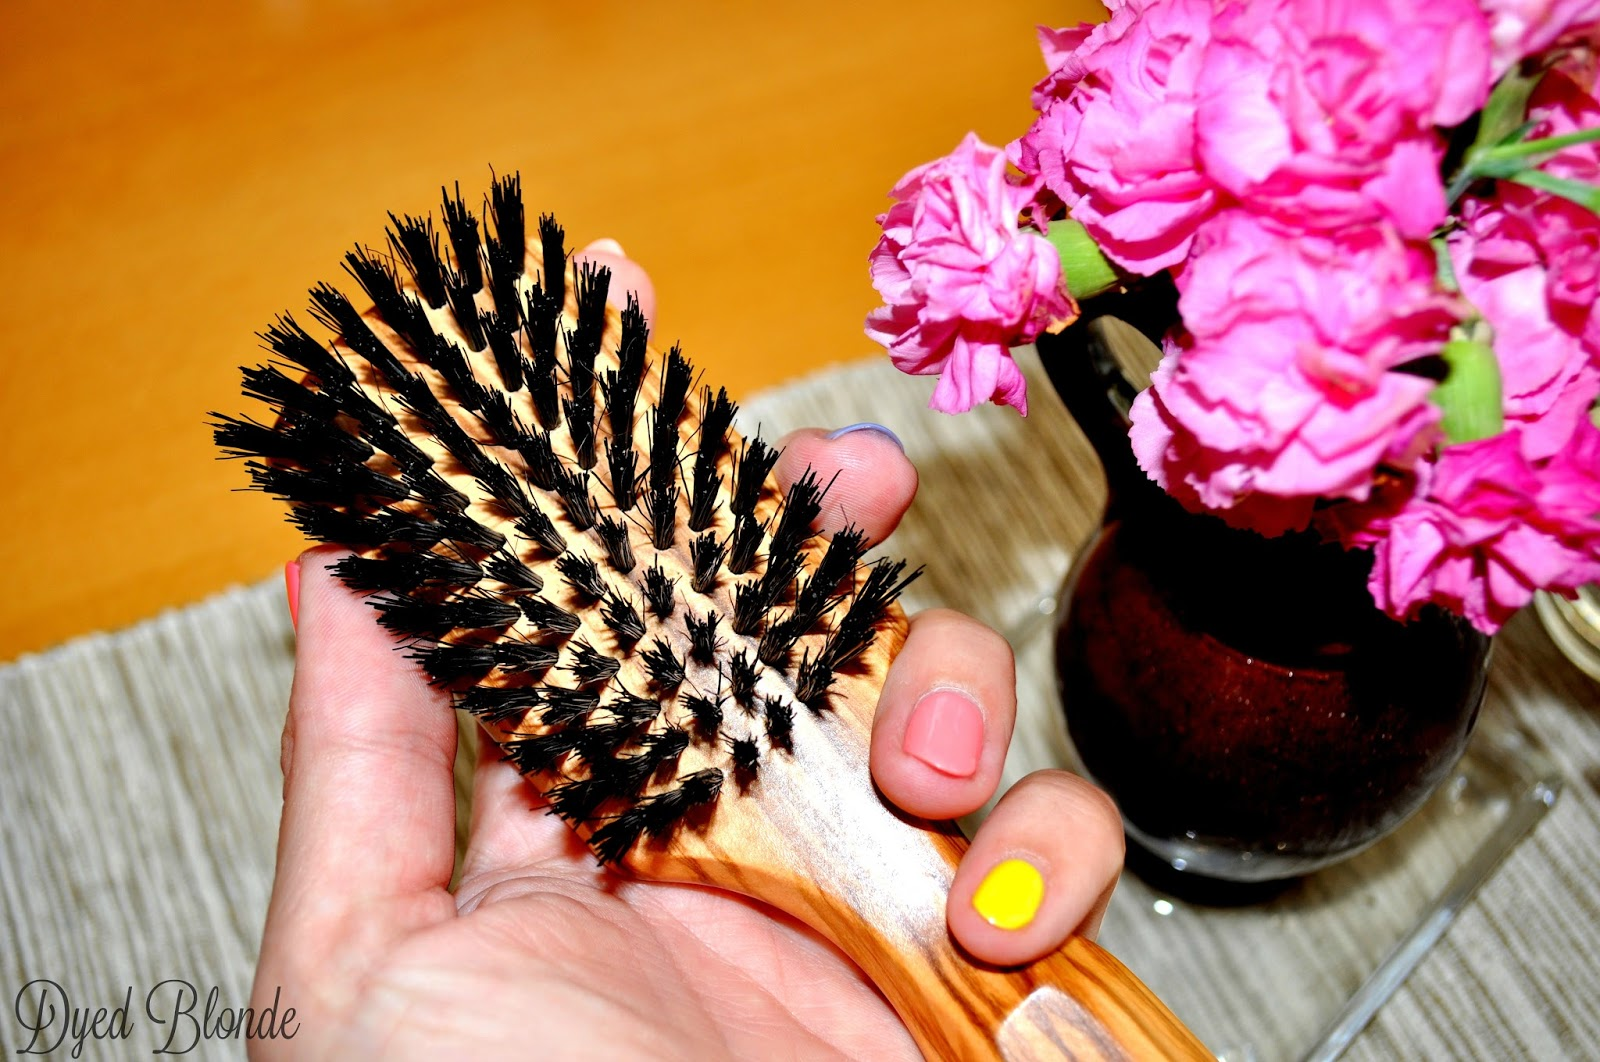 Jak szczotkowac włosy?